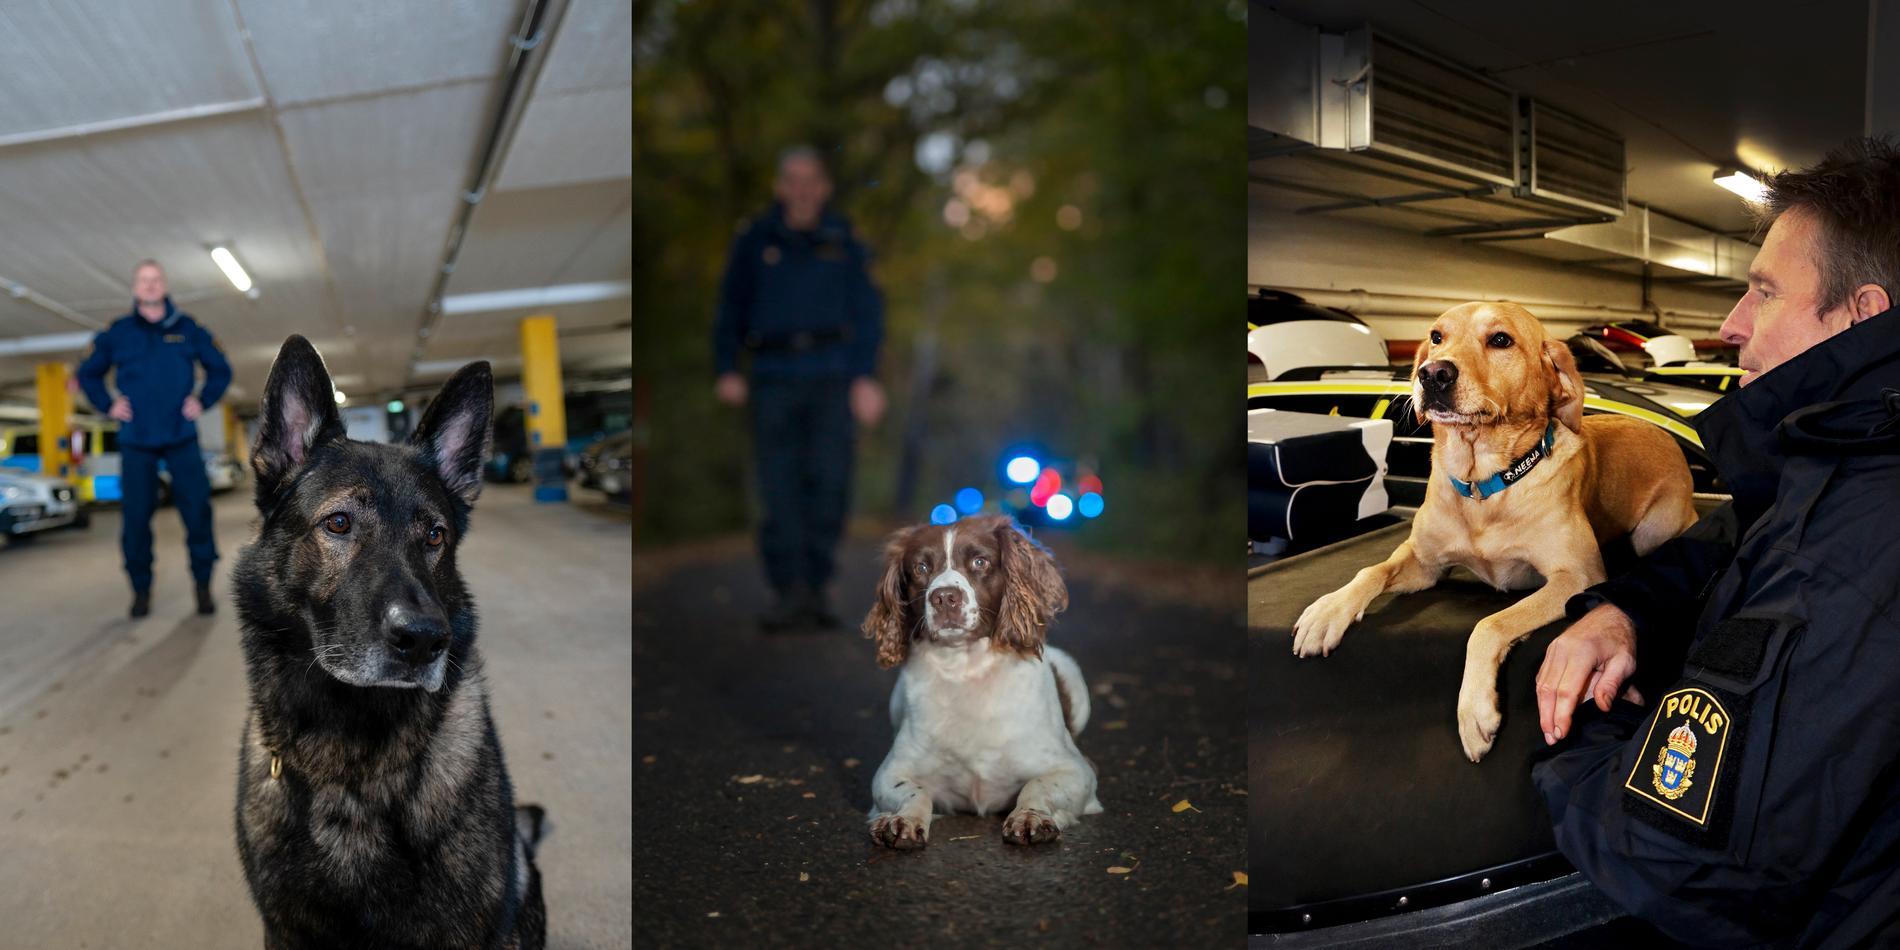 Årets polishundar 2018 är schäfern Cross, springer spanieln Ben och labradoren Ace.